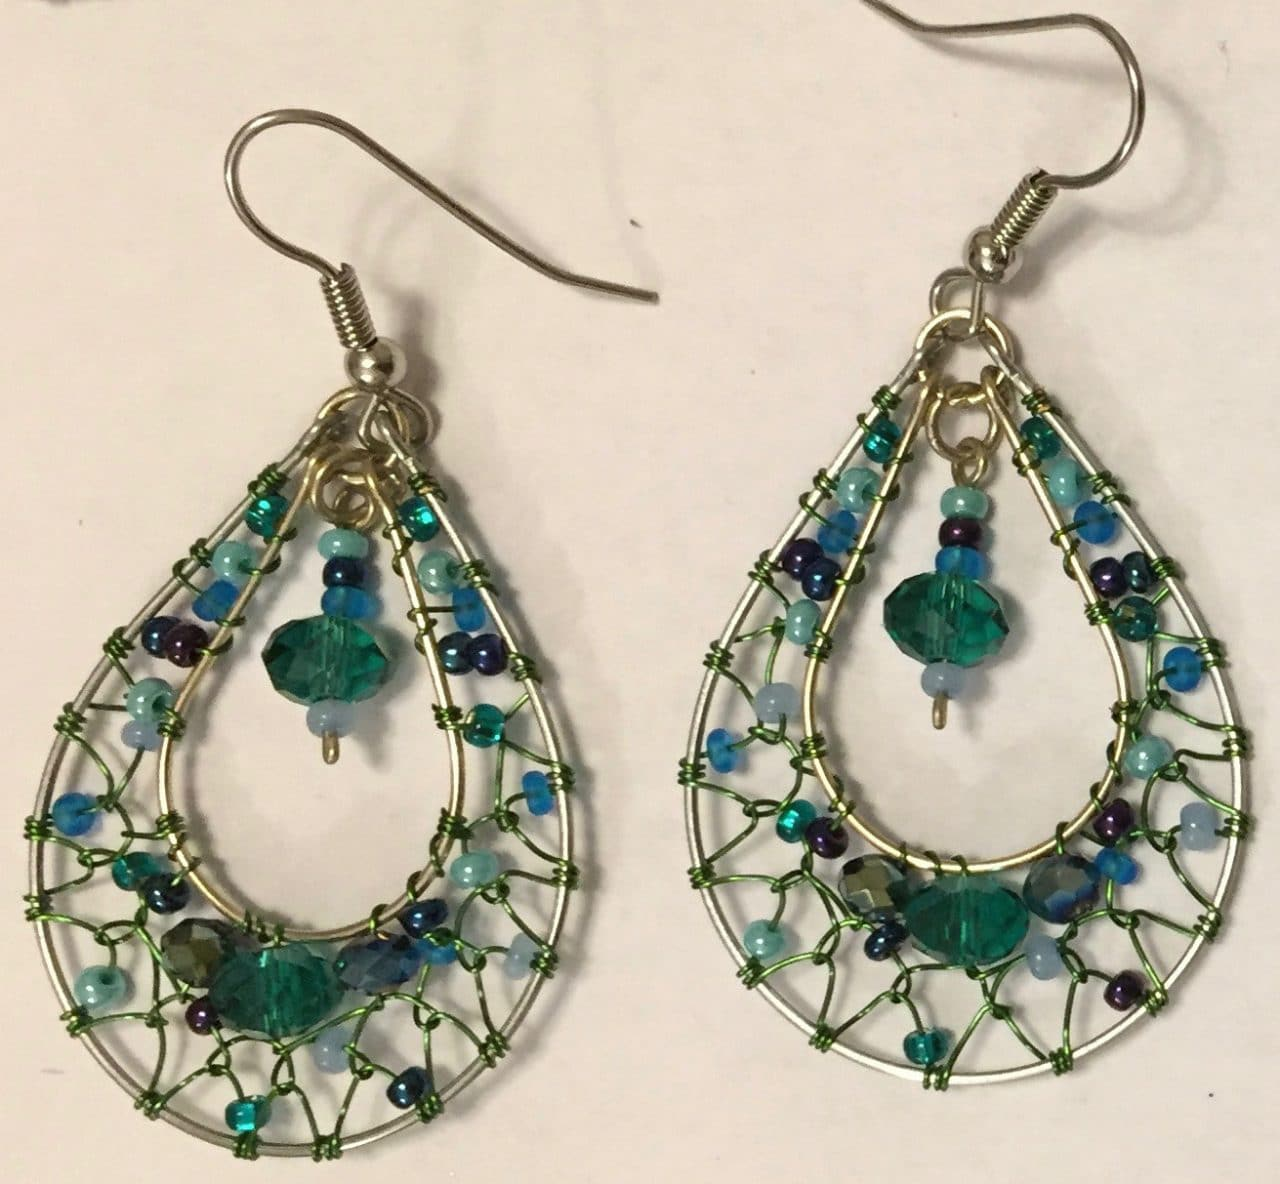 Teardrop Dreamcatcher Earrings - Teal and Blue